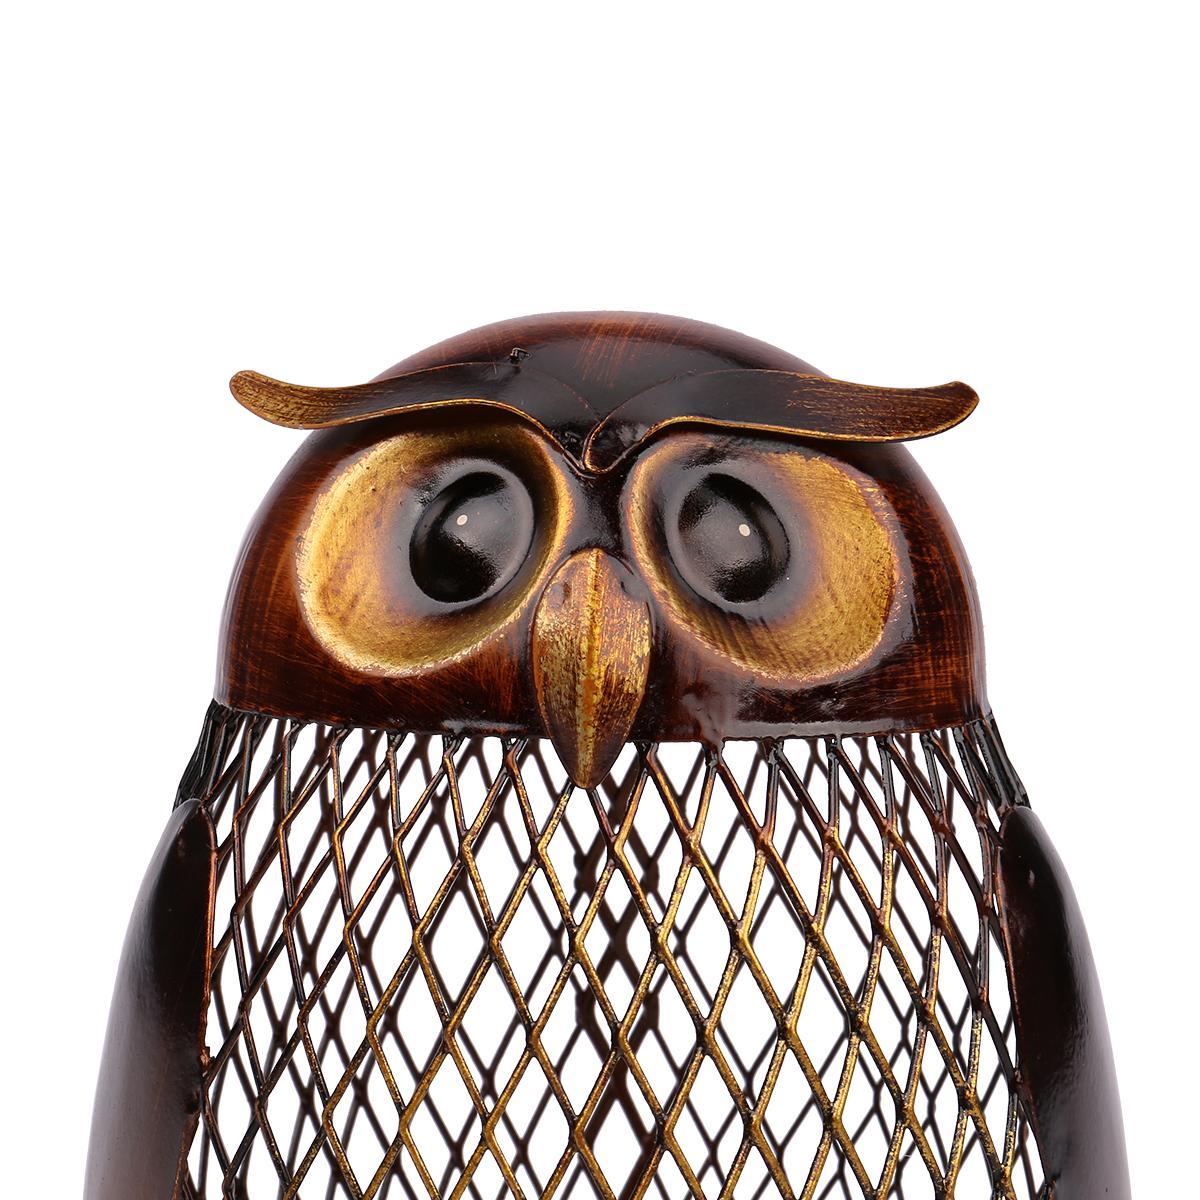 TOOARTS Owl Metal Coin Saving Money Pot Box Bank Iron Art Sculpture Craft Gift